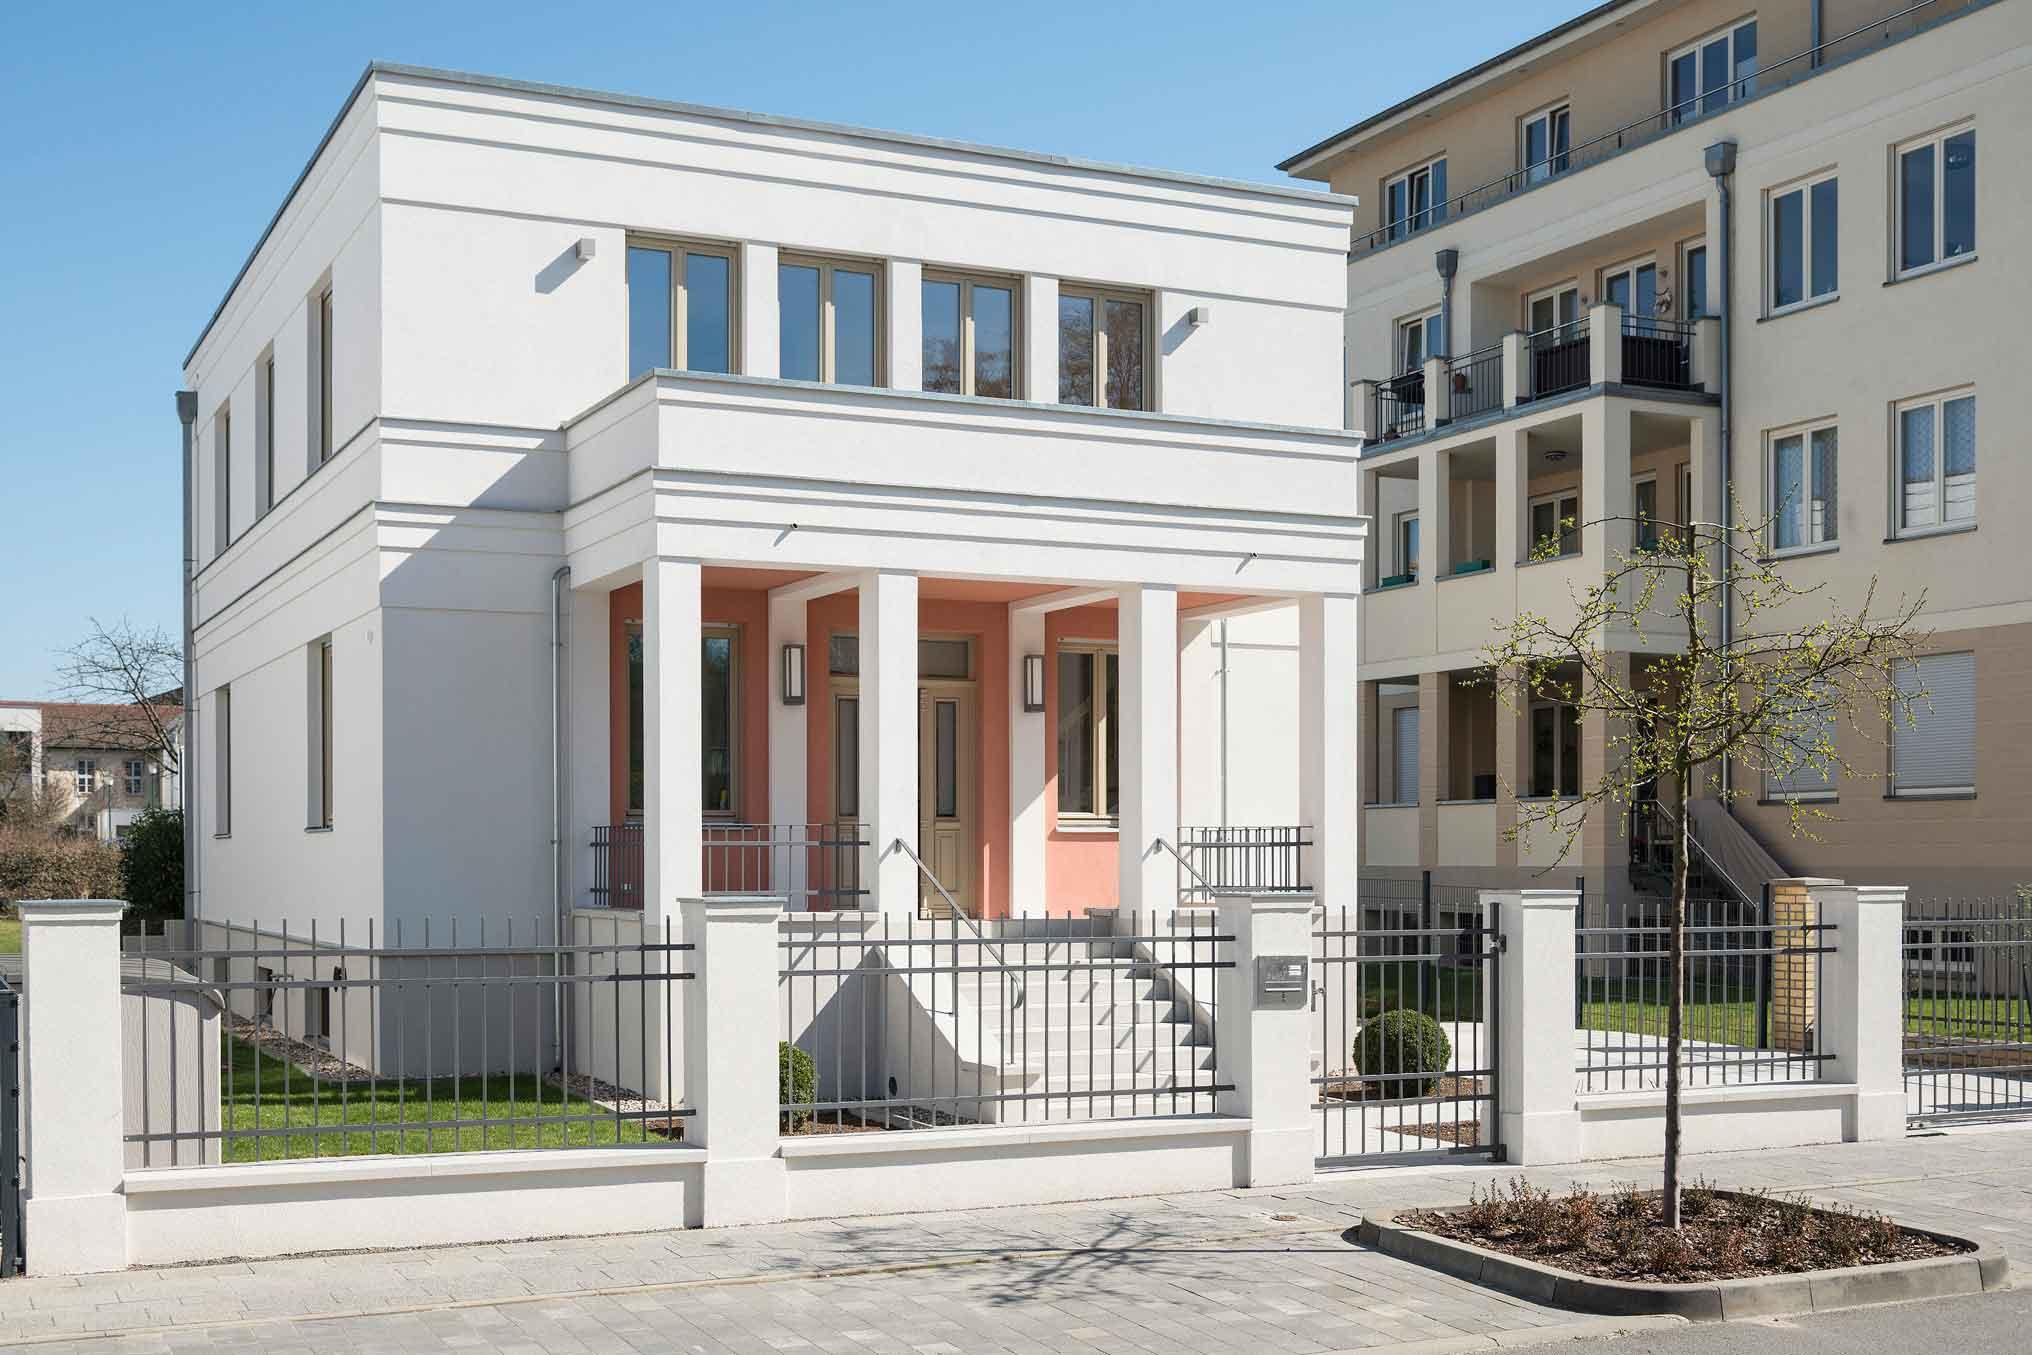 Stadtvilla nach klassischem vorbild bereichert berliner for Massivhaus berlin